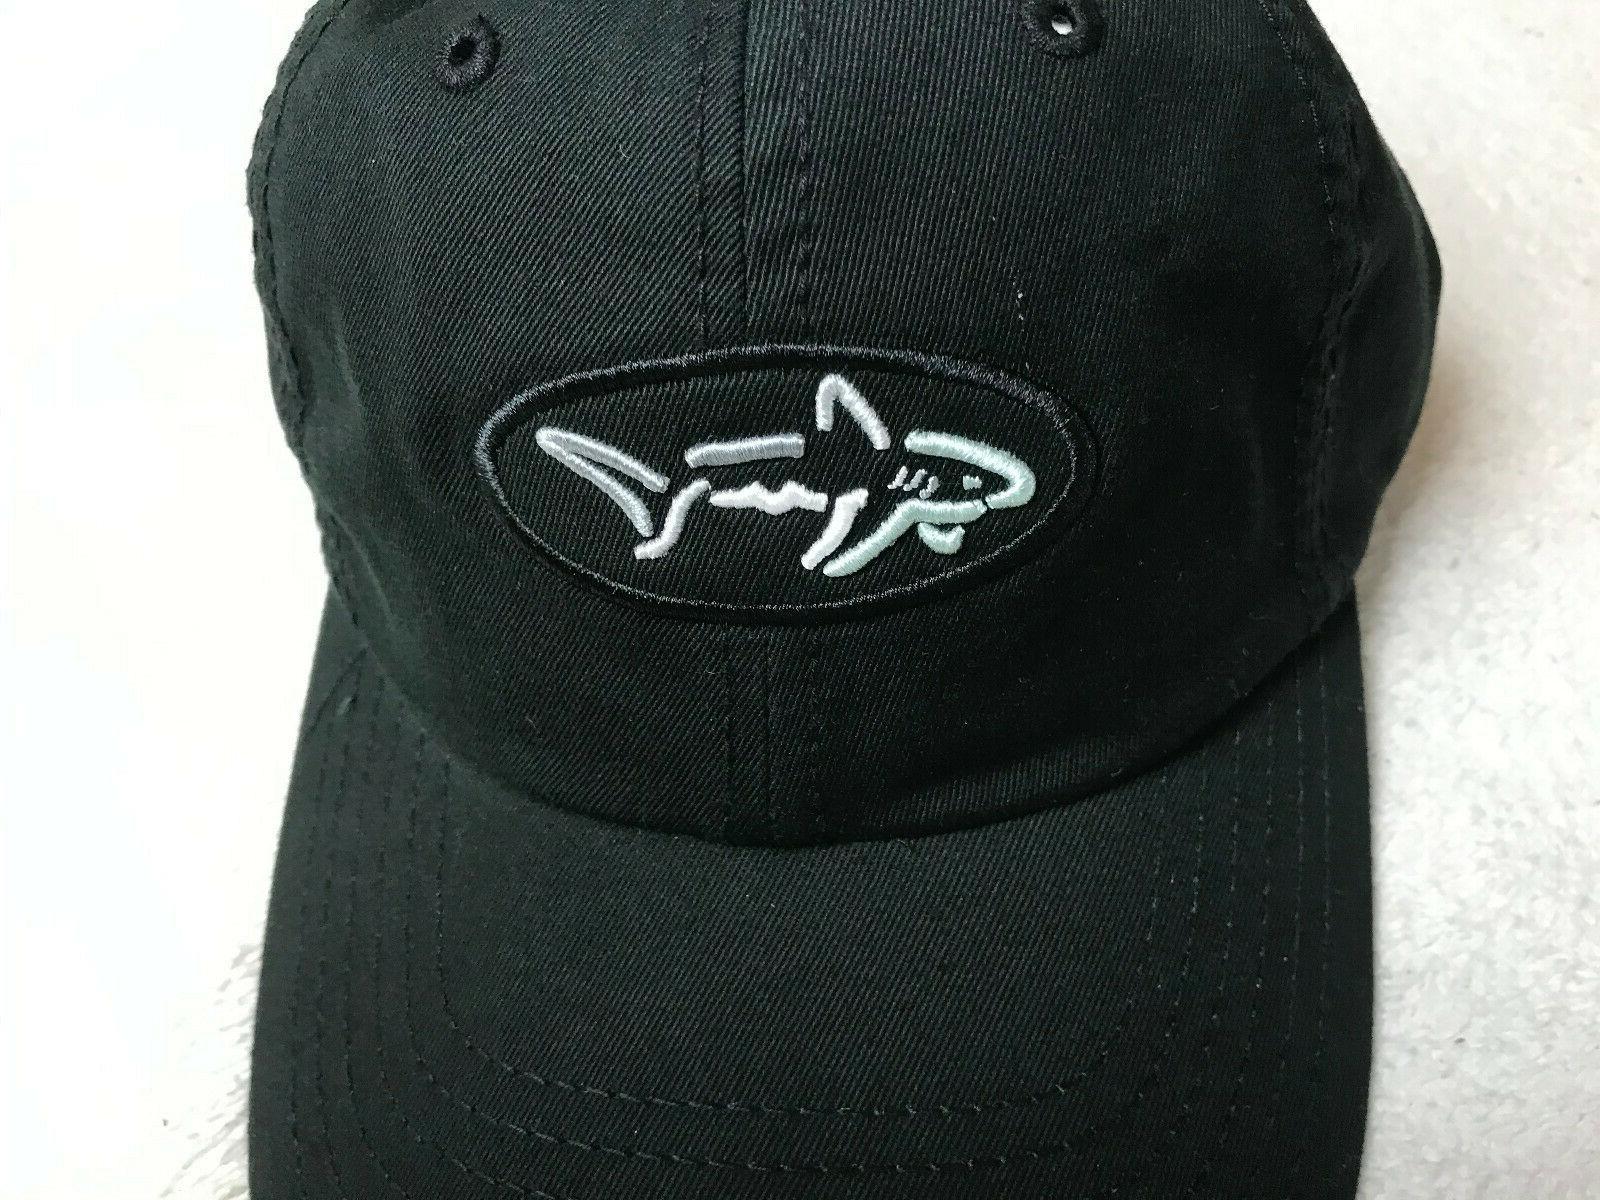 Greg Collection Shark Embroidered Hat Adjustable Black